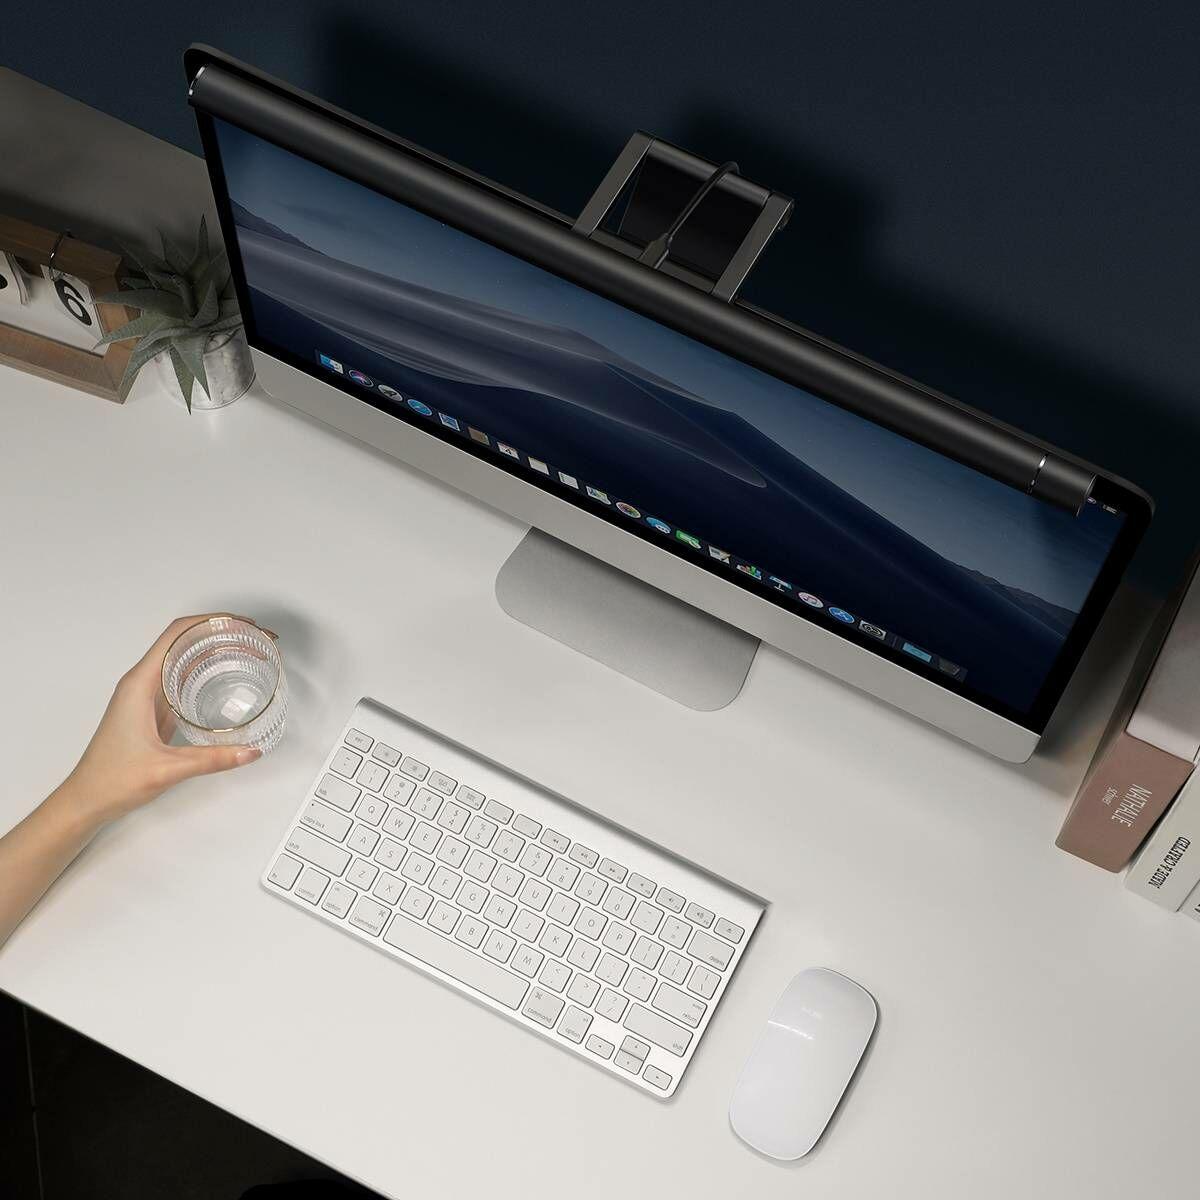 Baseus otthon, i-wok series Screen Hanging Light Pro USB csatlakozós monitorra szerelhető világítás, lumen 200LM, 5W, fekete (DGIWK-P01)